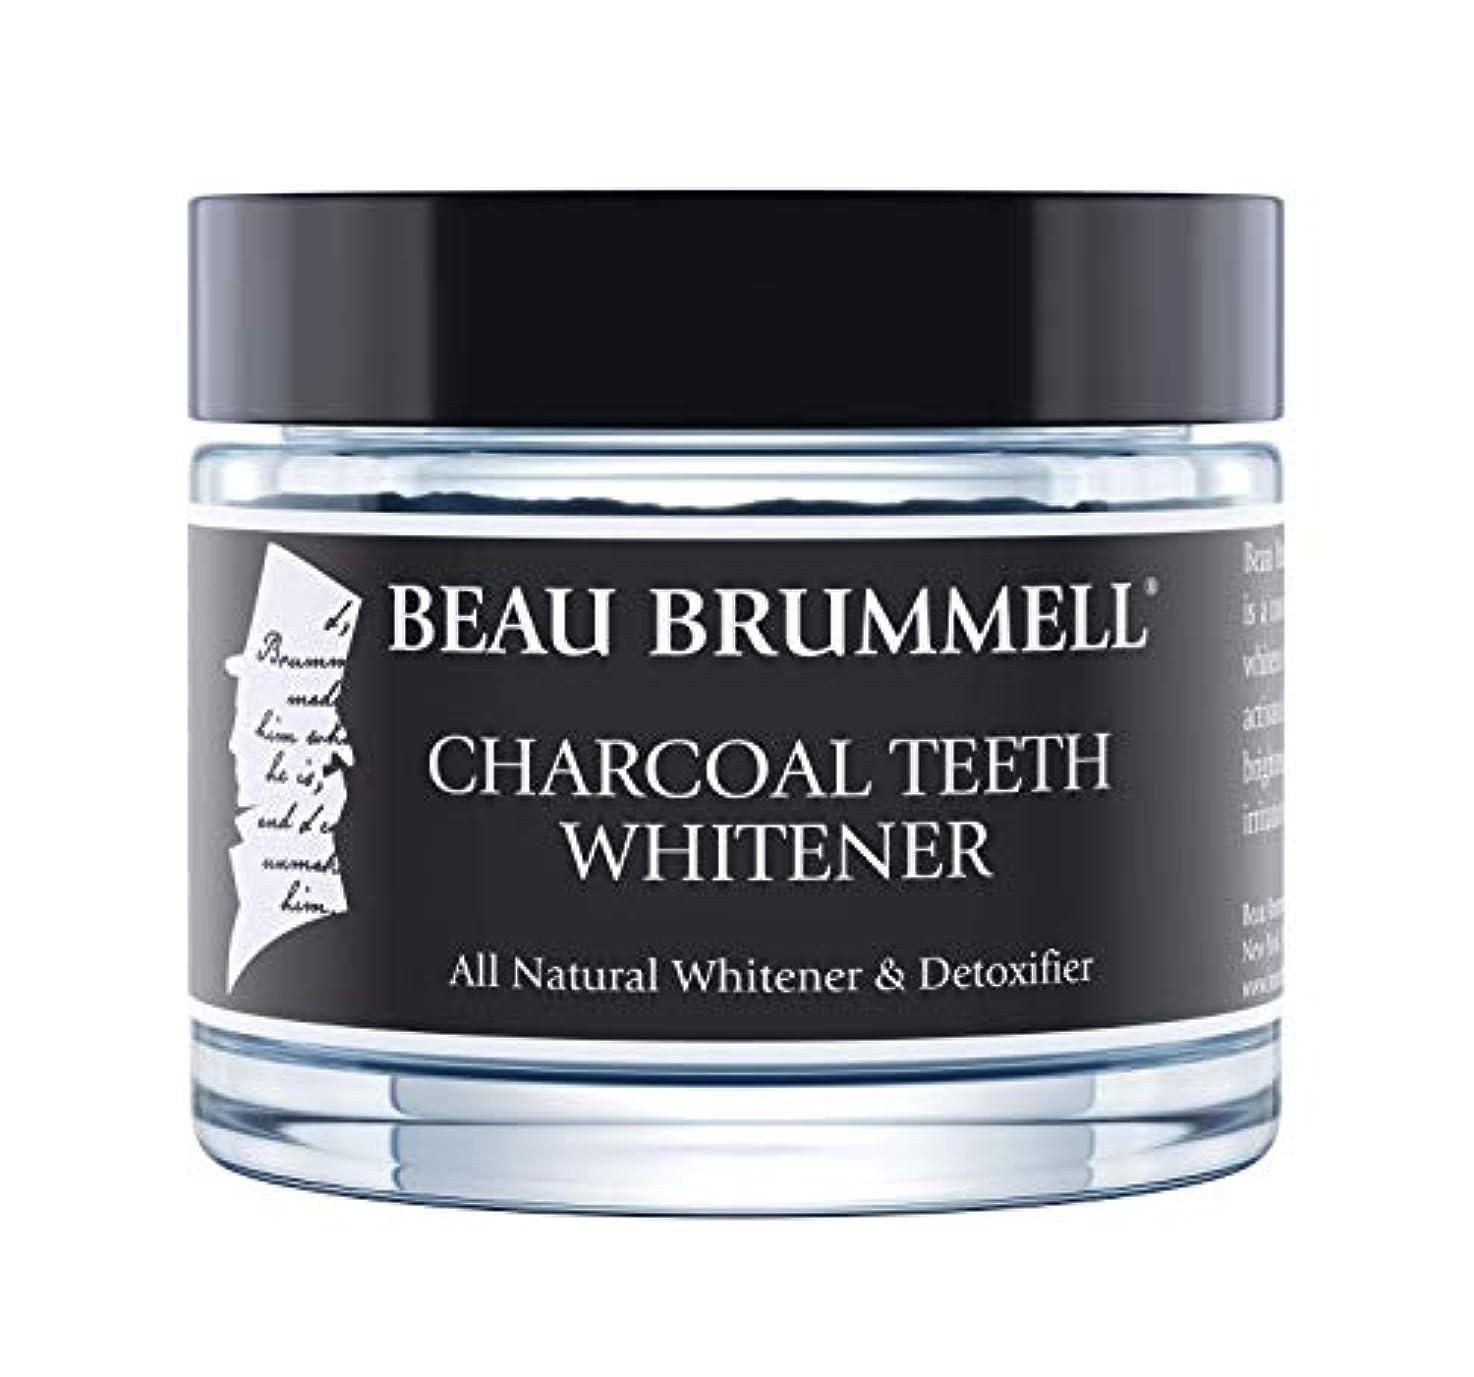 特定の酔うすずめBeau Brummell チャコール歯ナーナチュラル炭オーガニックココナッツ炭グレードホワイトニングパウダーを活性化